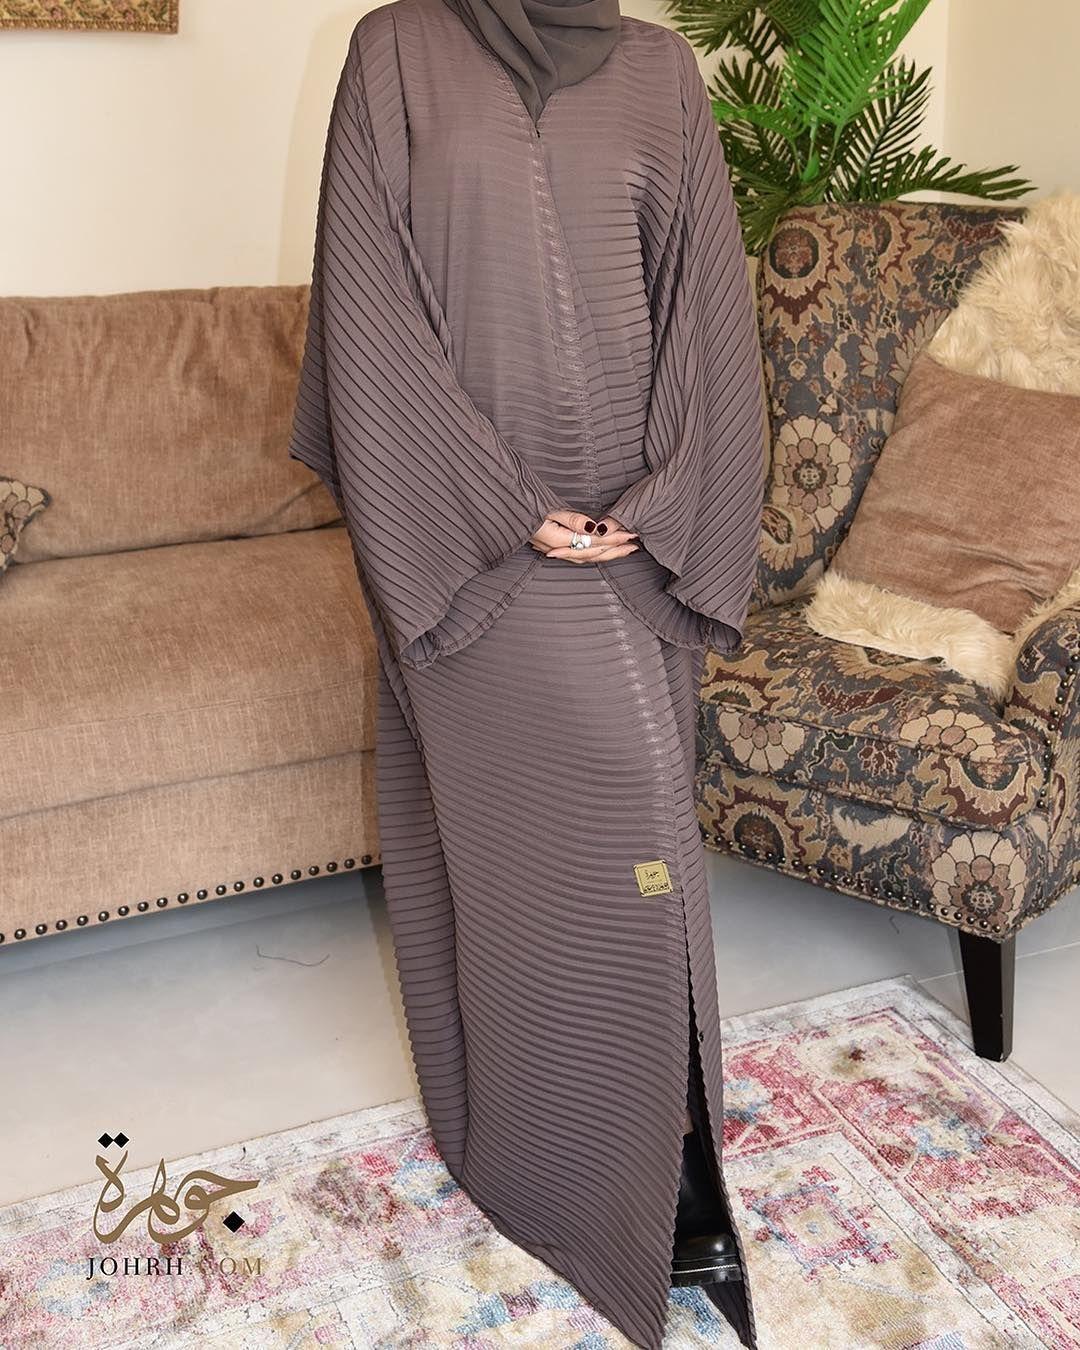 تألقي مع هذه العباية الفريدة من نوعها والتي تمتاز بقصة البليسيه الكلاسيكية بلون موف رائع والتي فصلت بأسلوب مبتكر لتواكبي بها آخر Sweater Dress Fashion Dresses